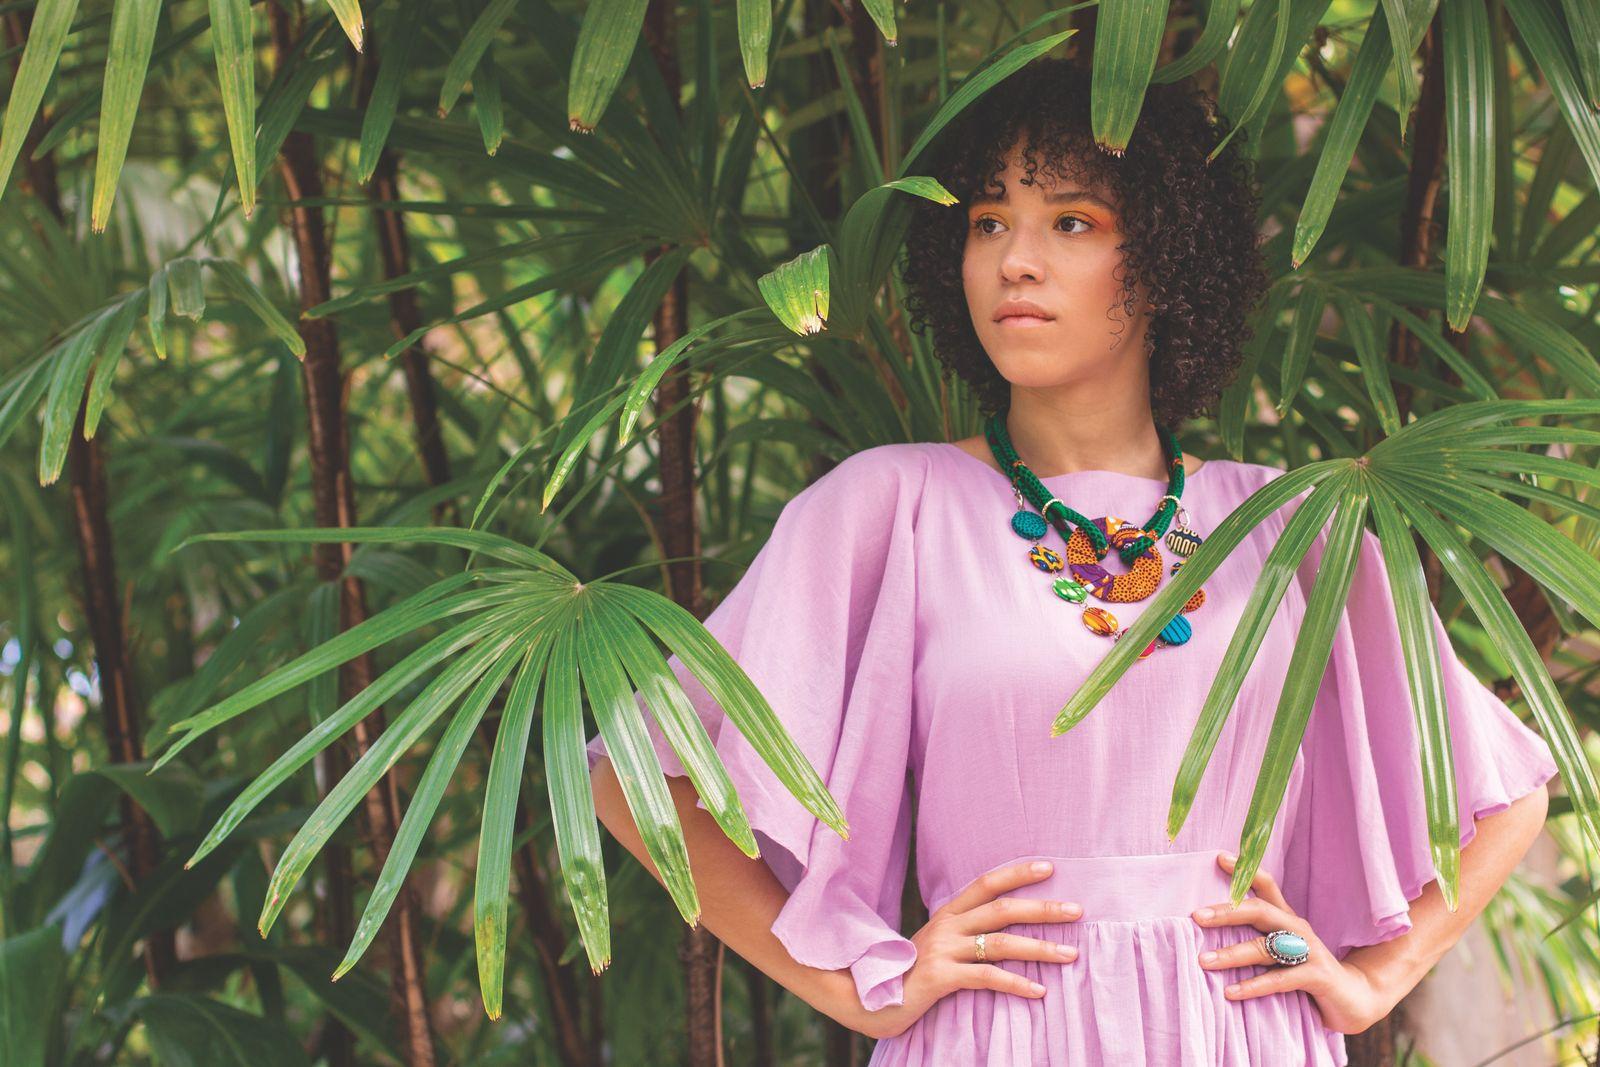 Kaia Kater (photo by Raez Argulla)